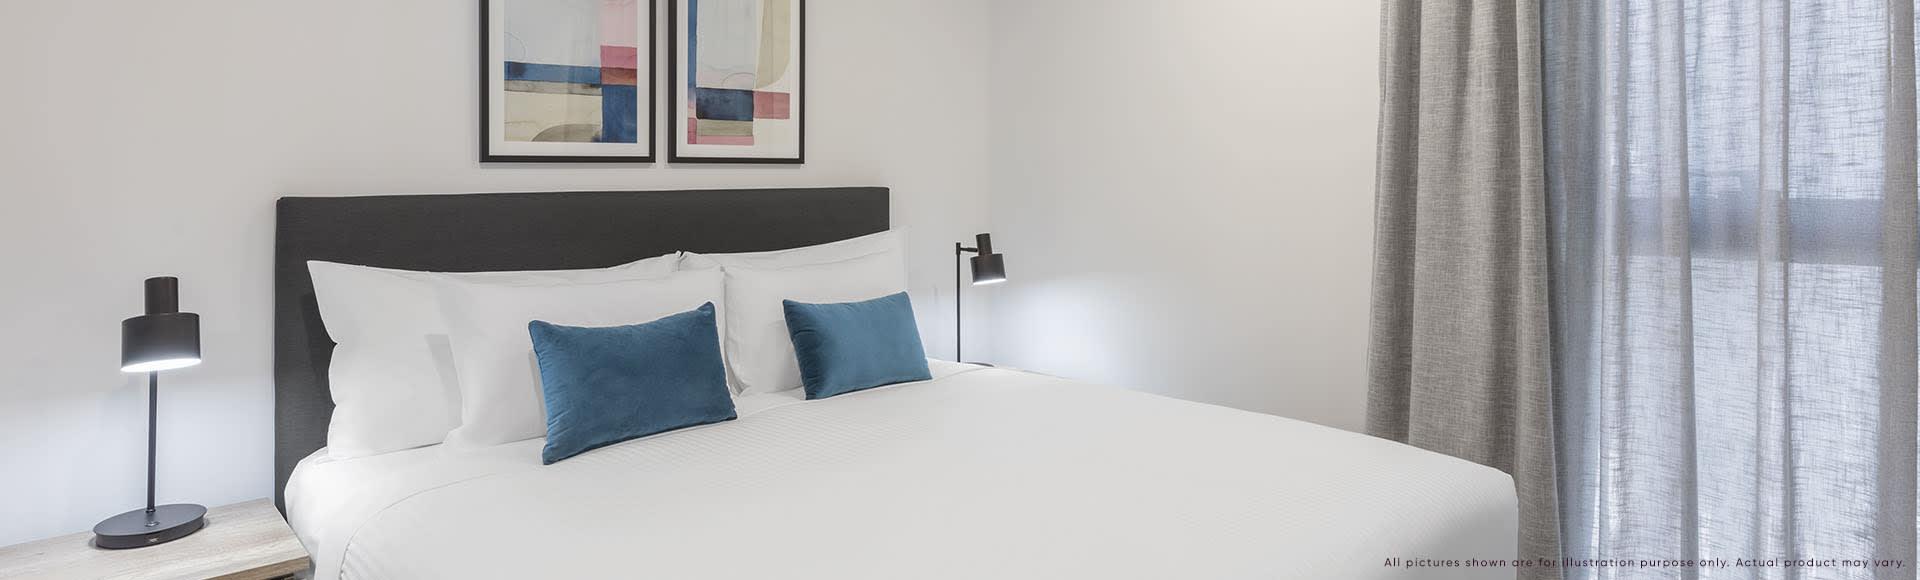 Avani Box Hill 2 Bedroom Suite Bedroom 1920x580px